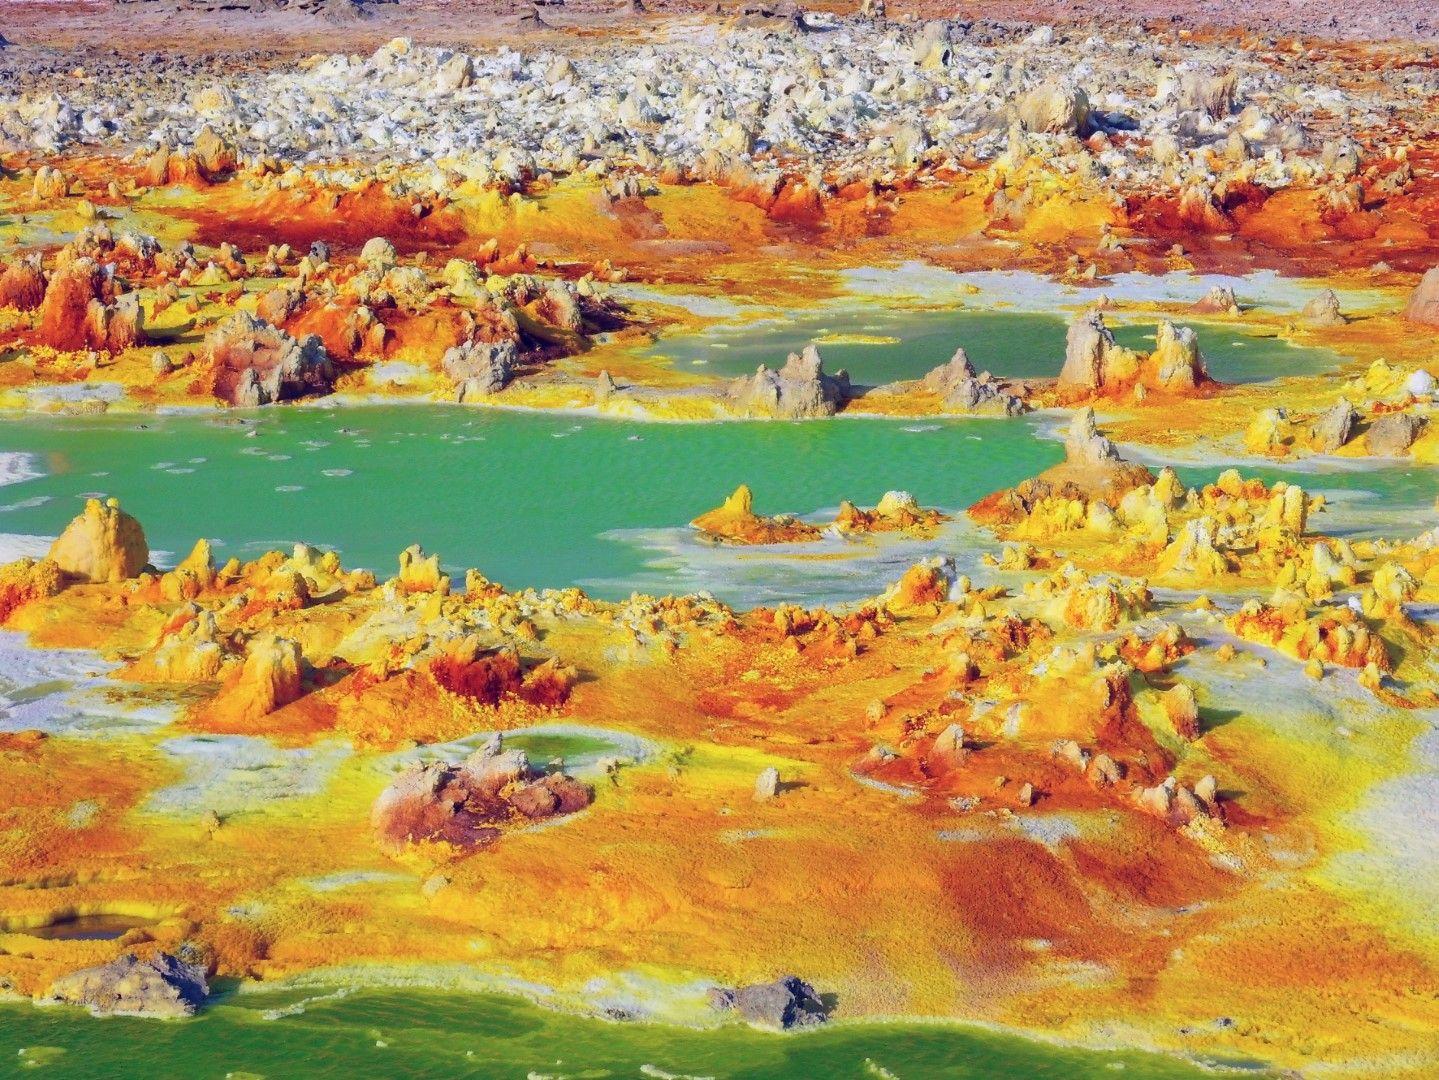 Термалните извори и вулканичната дейност са довели до създаването на нереалните цветни пейзажи в Данакил, Етиопия